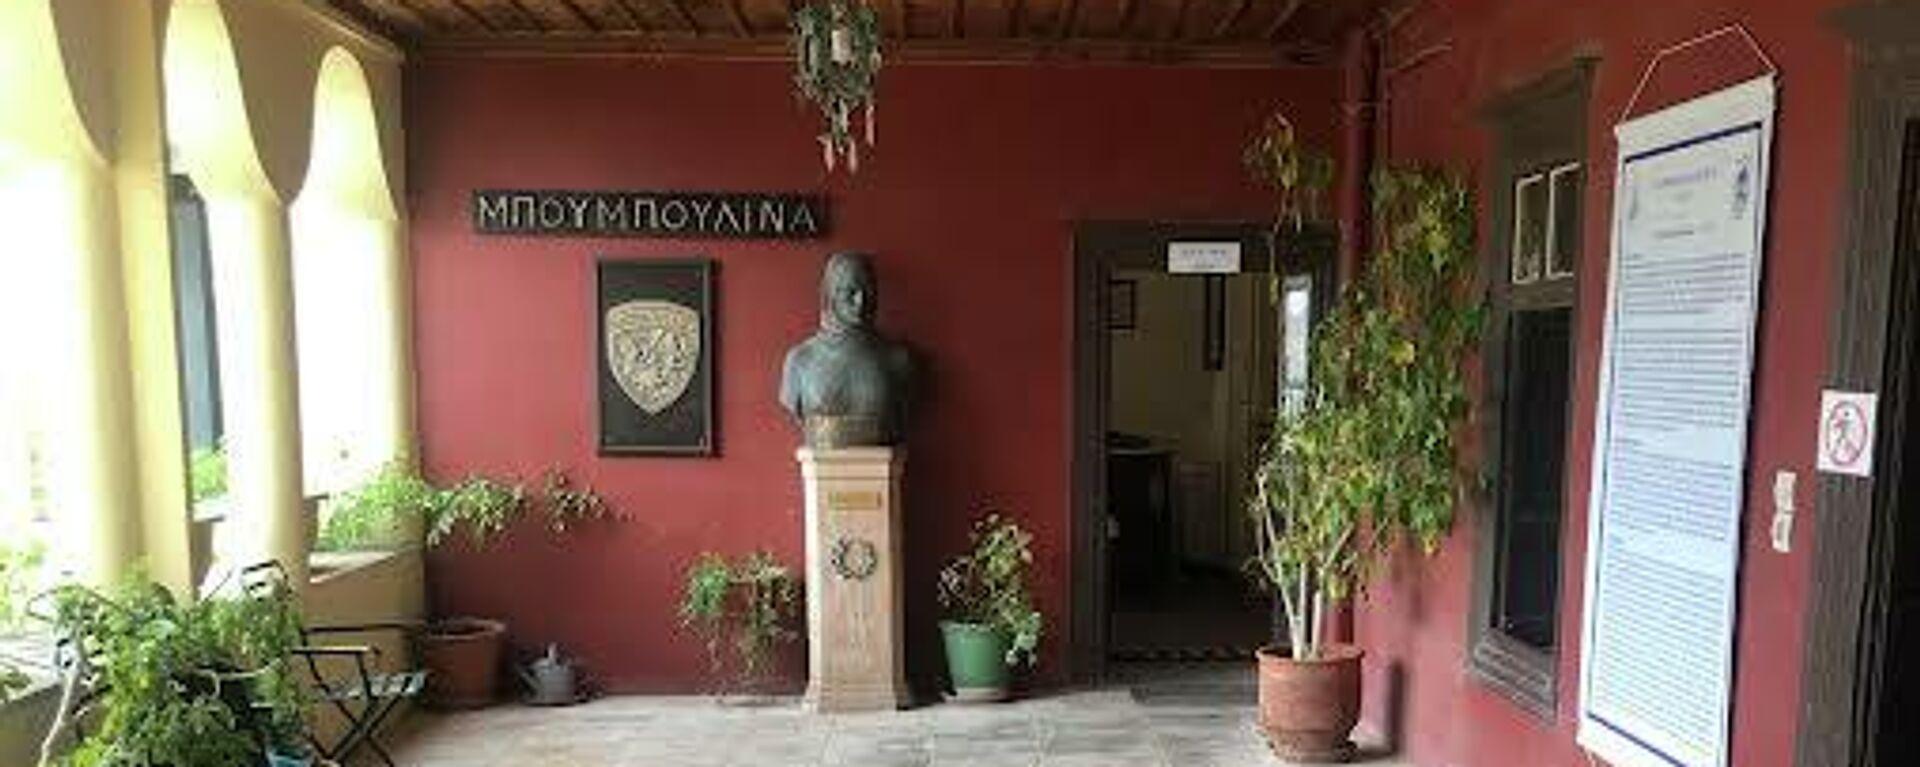 Η ιστορική Οικία και νυν Μουσείο της Λασκαρίνας Μπουμπουλίνας στις Σπέτσες, που γλίτωσε την κατάρρευση, χωρίς βοήθεια από την Πολιτεία - Sputnik Ελλάδα, 1920, 13.09.2021